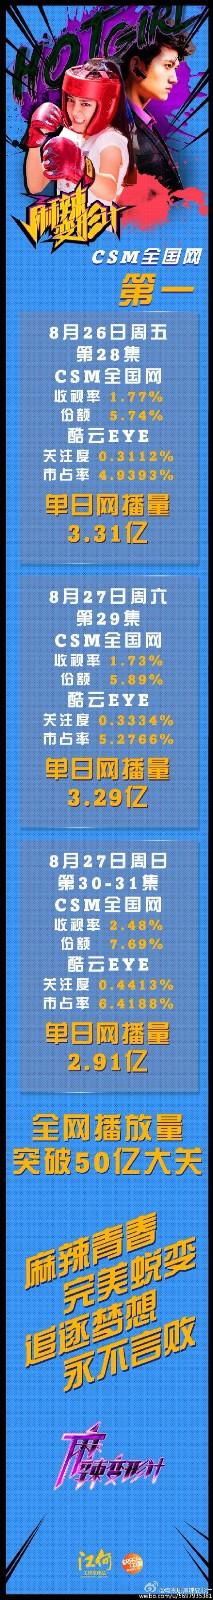 [160829]《麻辣变形计》连续三天全国收视率第一!